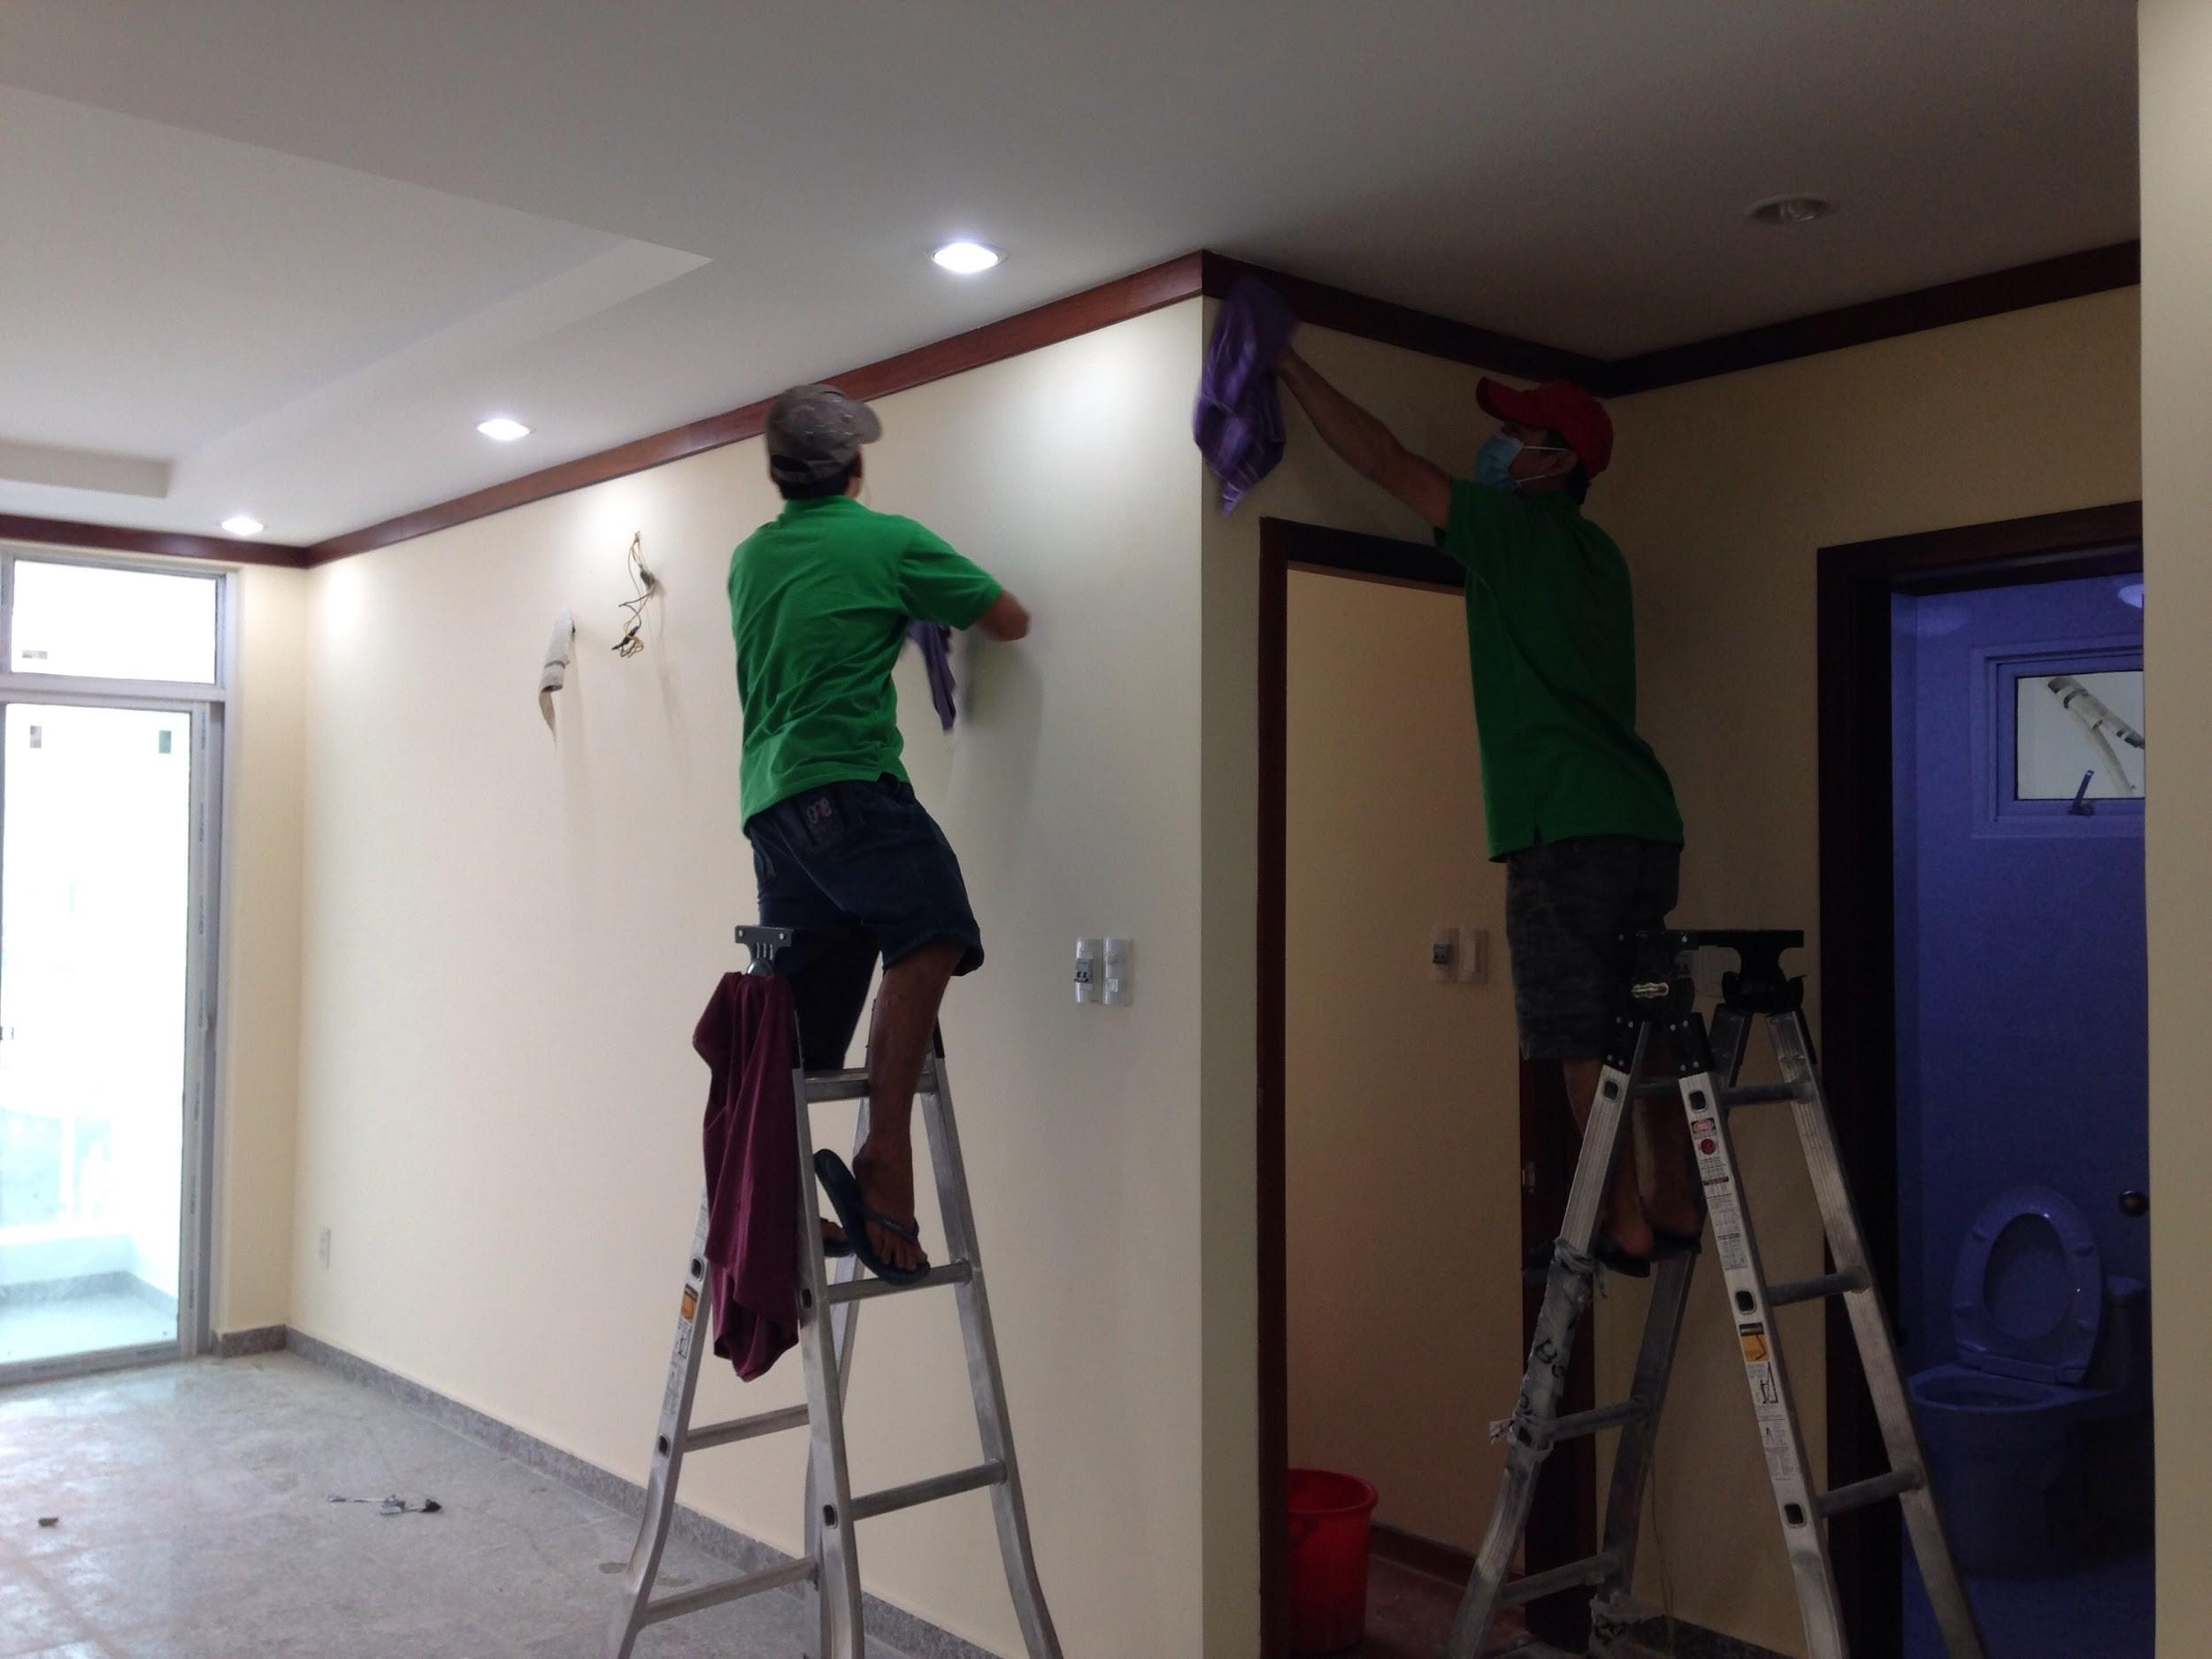 Nên lau chùi và quét dọn nhà mới theo quy tắc từ trên xuống dưới và từ trong ra ngoài